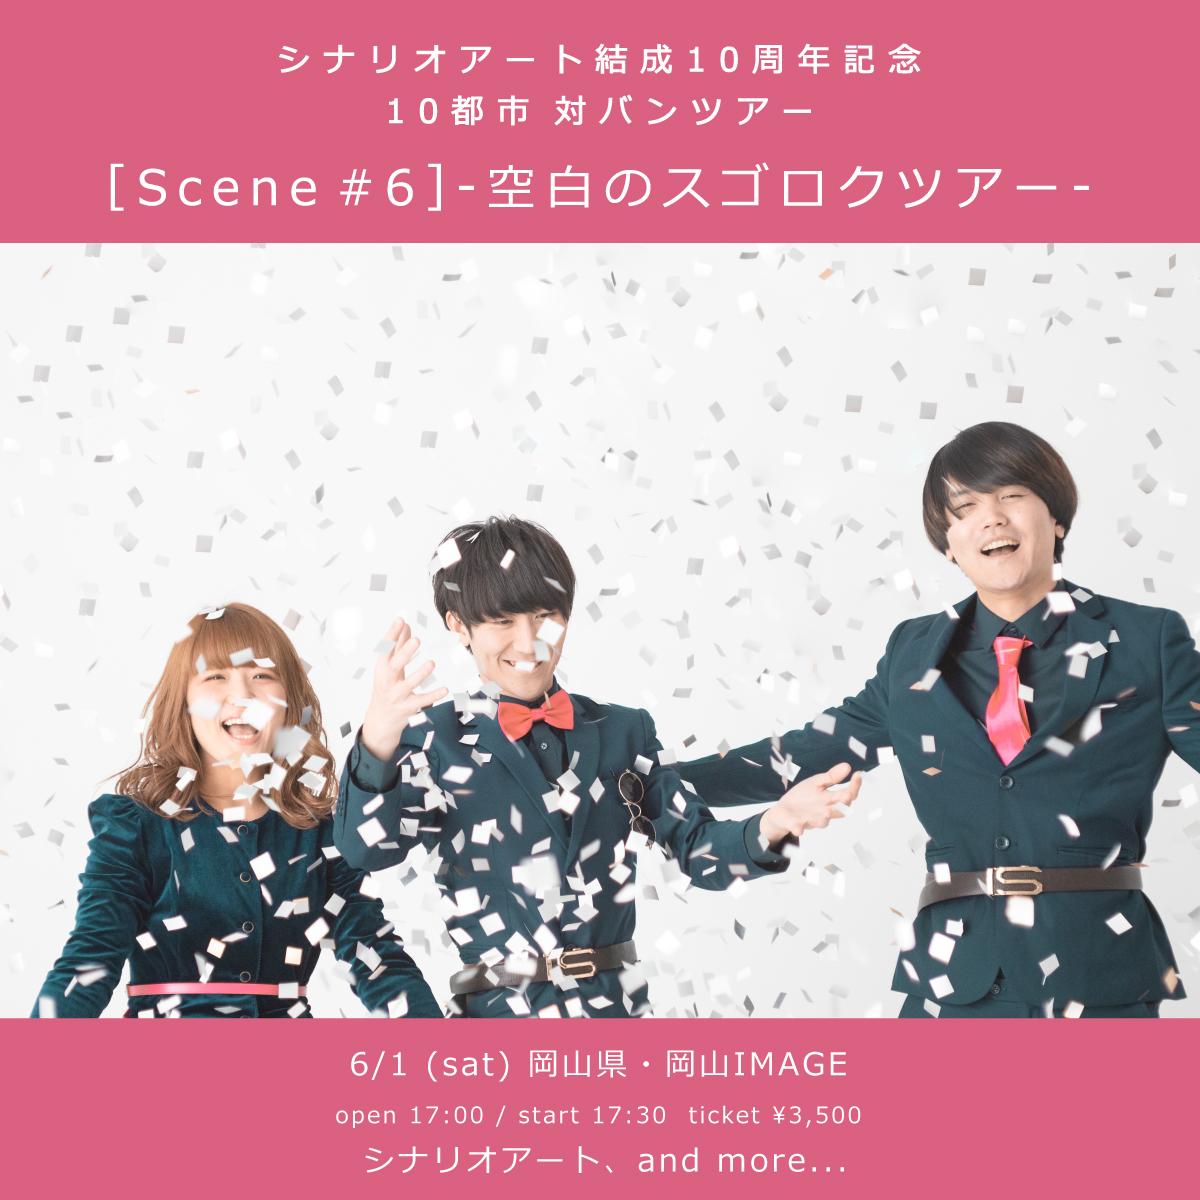 [Scene #6]-空白のスゴロクツアー- 《岡山公演》